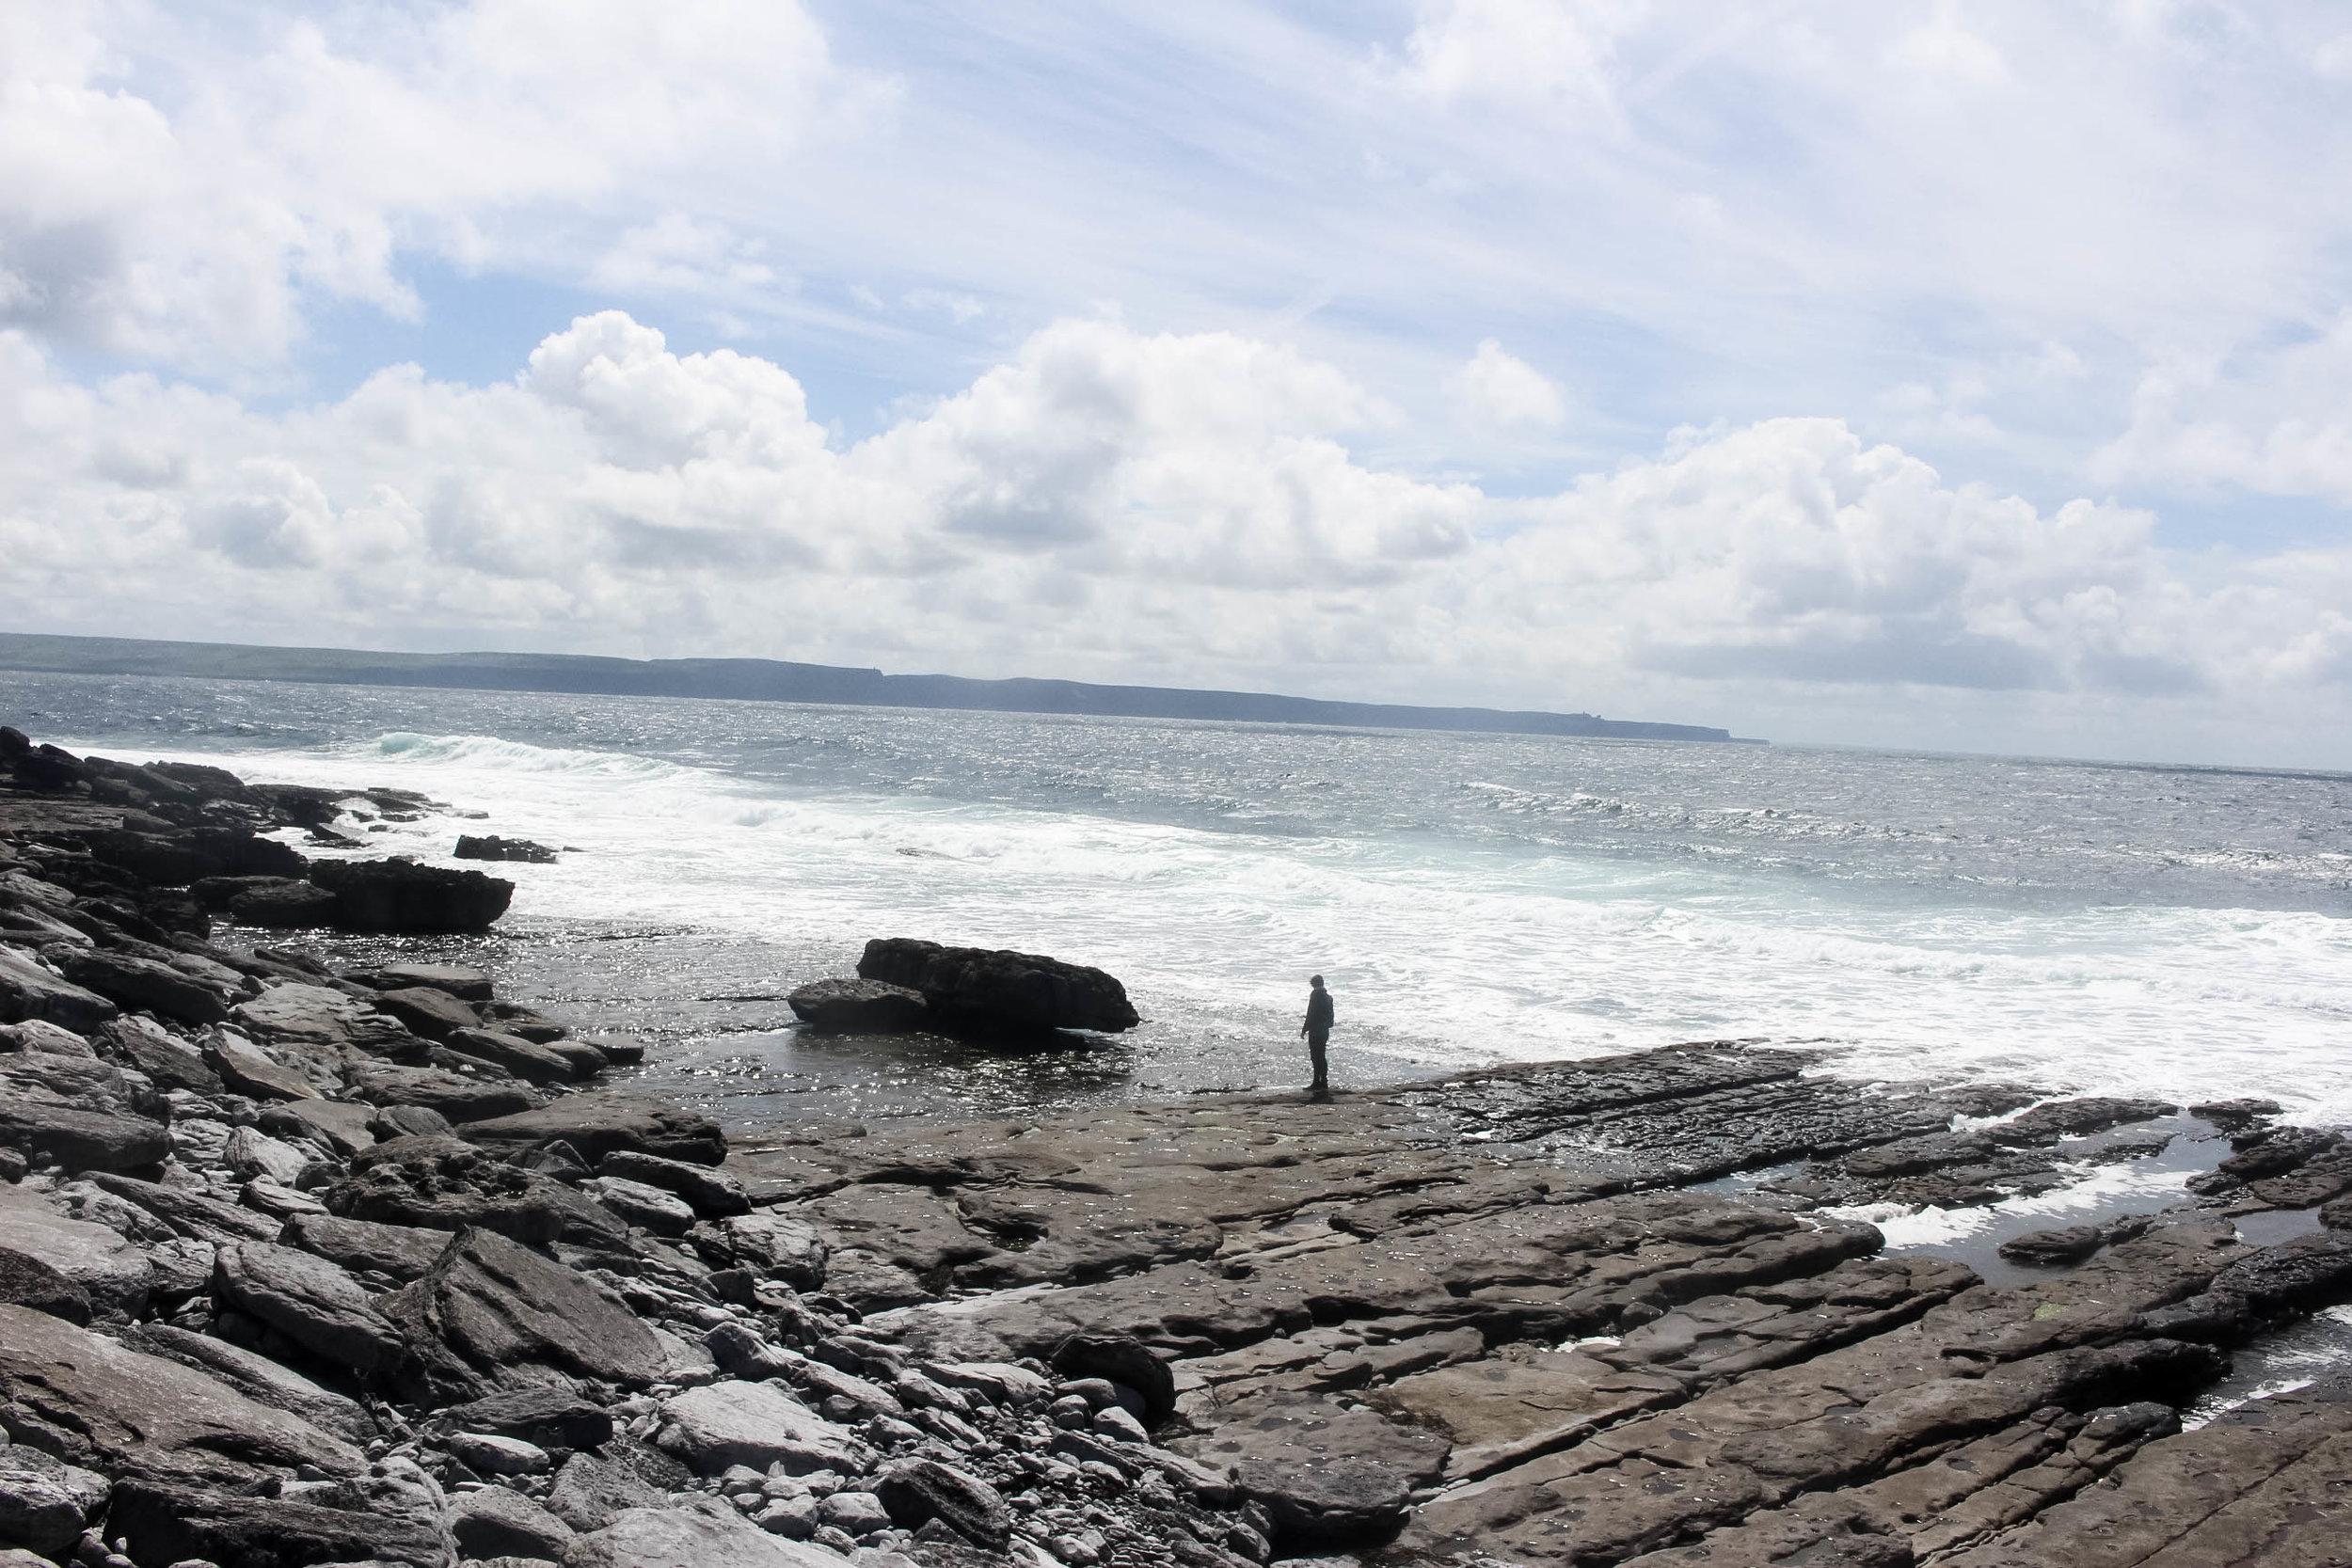 Aran Islands - Inis Oirr - Inisheer - One Week in Ireland